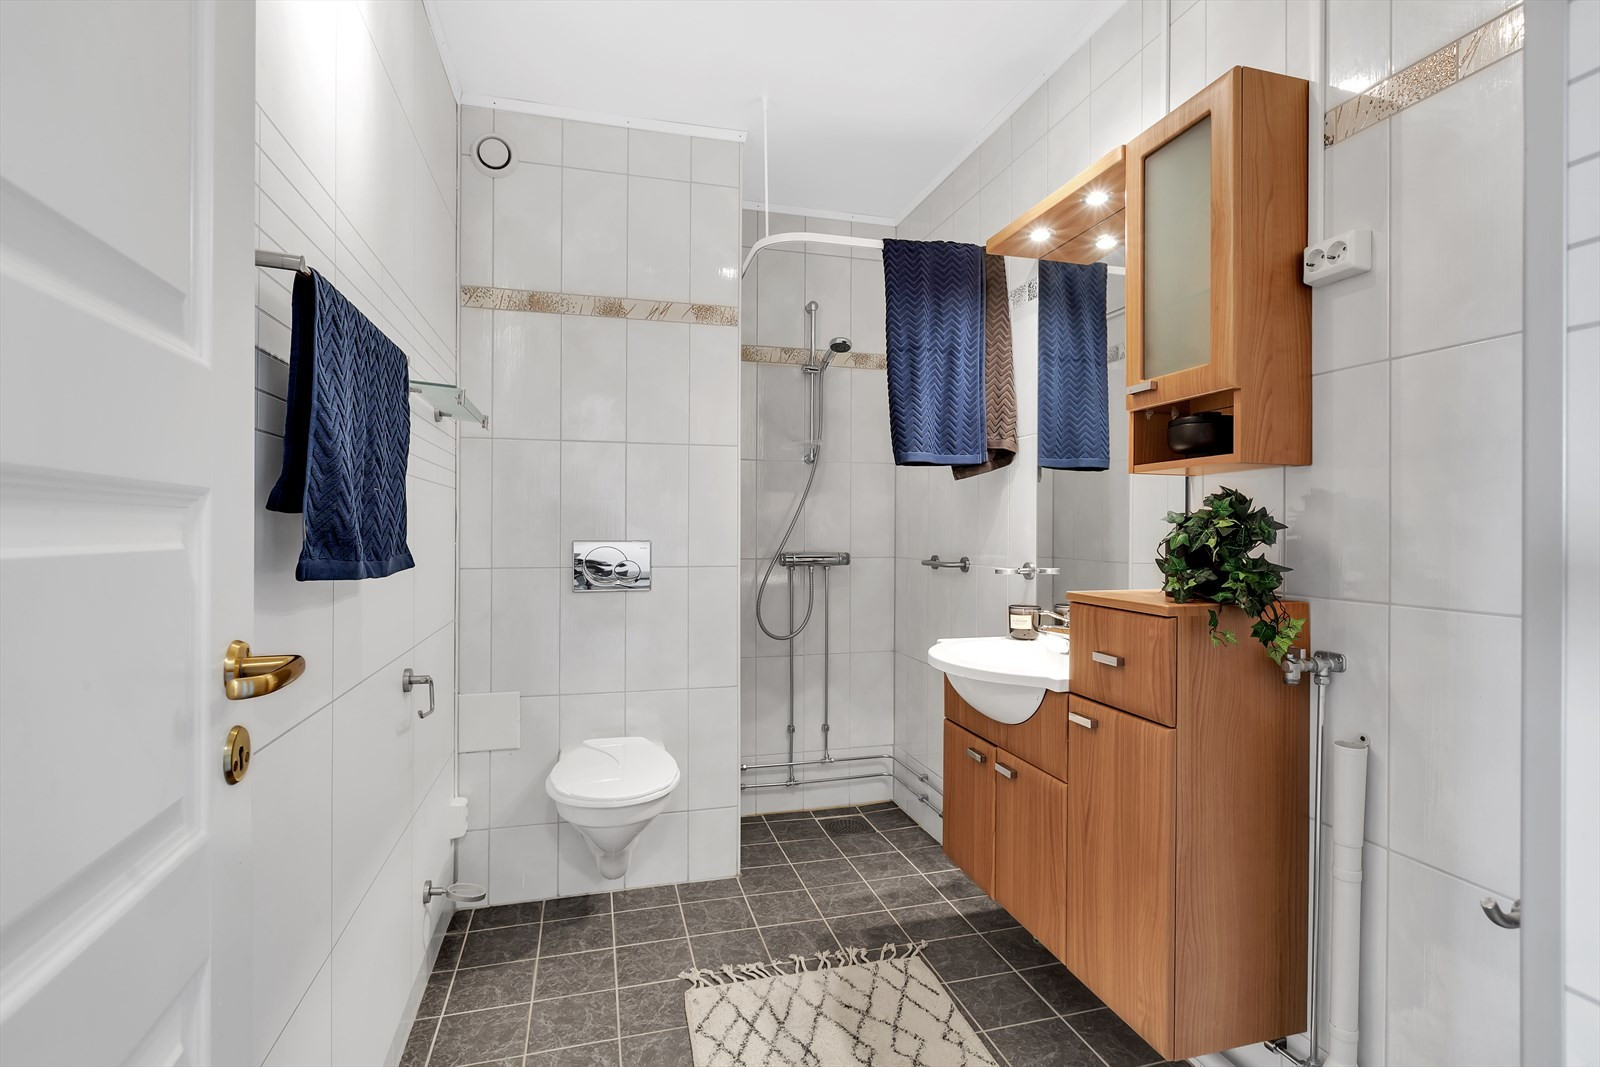 Flislagt badrom med vegghengt toalett.